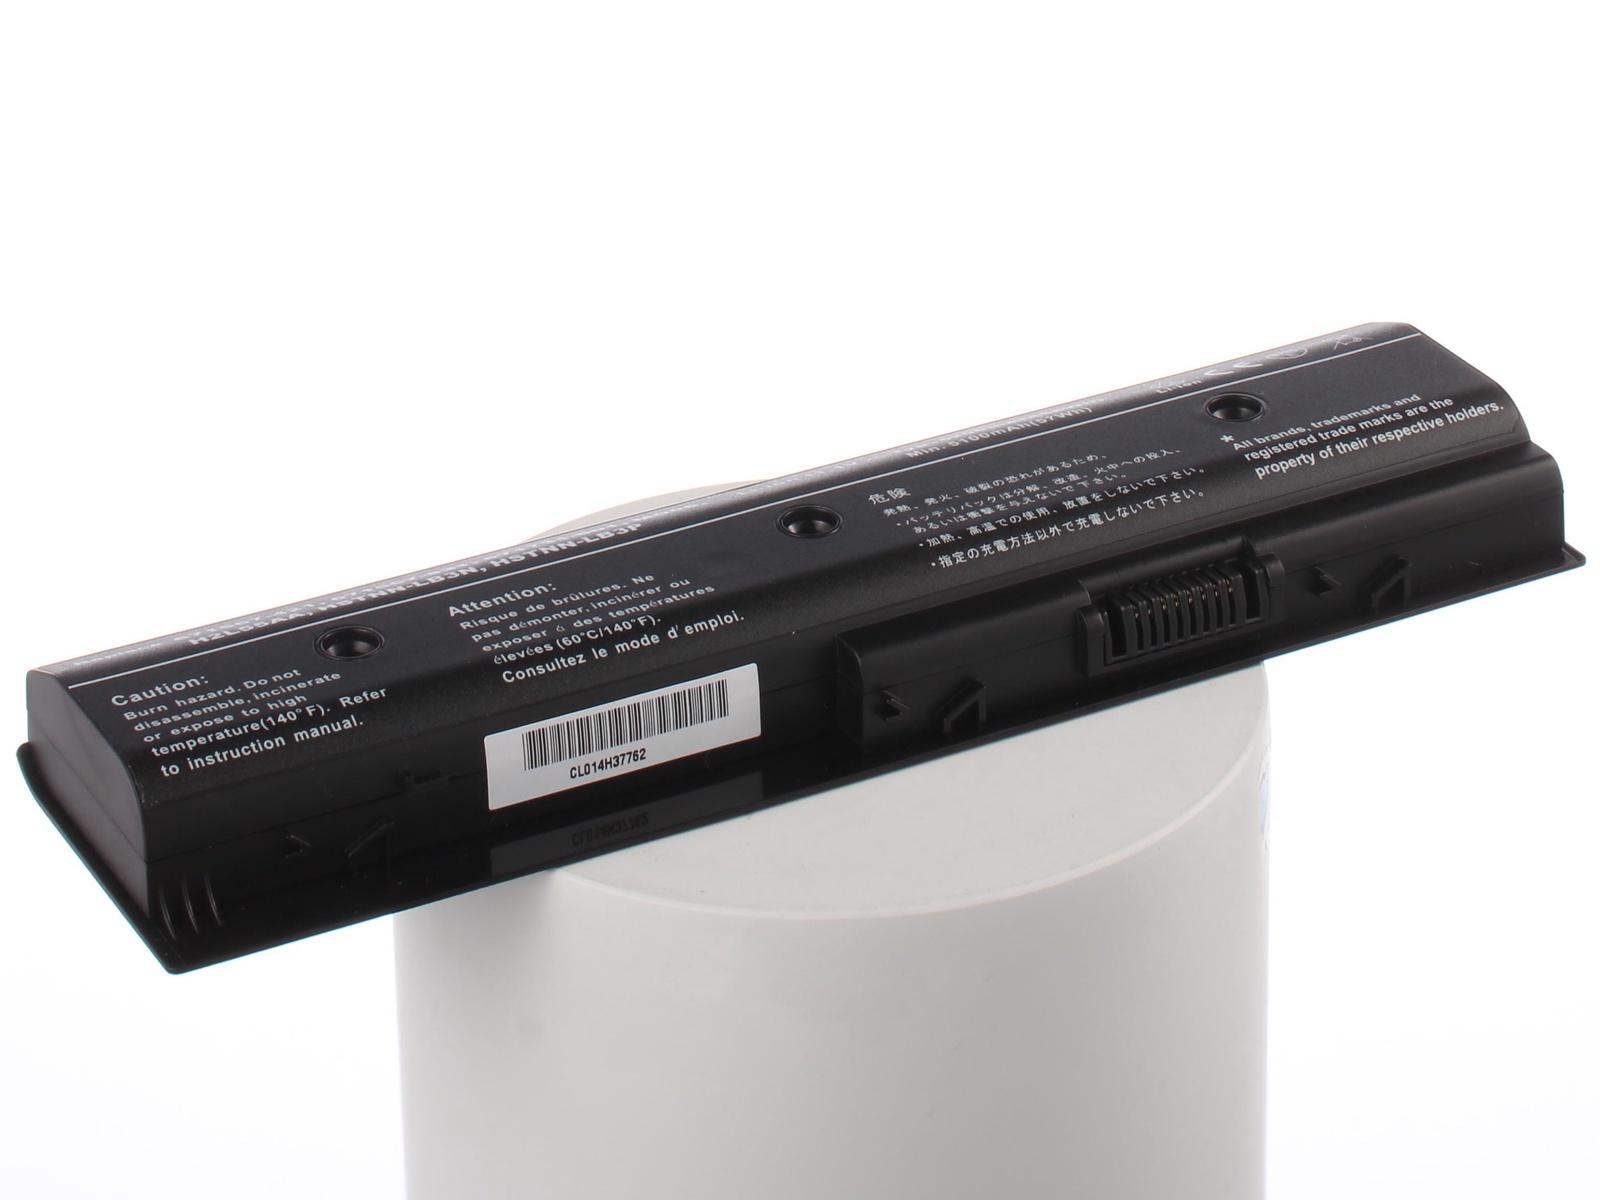 Аккумулятор для ноутбука iBatt для HP-Compaq ENVY m6-1260er, Envy m6-1272er, Pavilion dv6-7170er, Pavilion m6-1060er, ENVY m6-1101er, Pavilion dv6-7056er, ENVY dv7-7354er, Pavilion dv7-7171er, Pavilion m6-1000sr, Envy 15-j002er